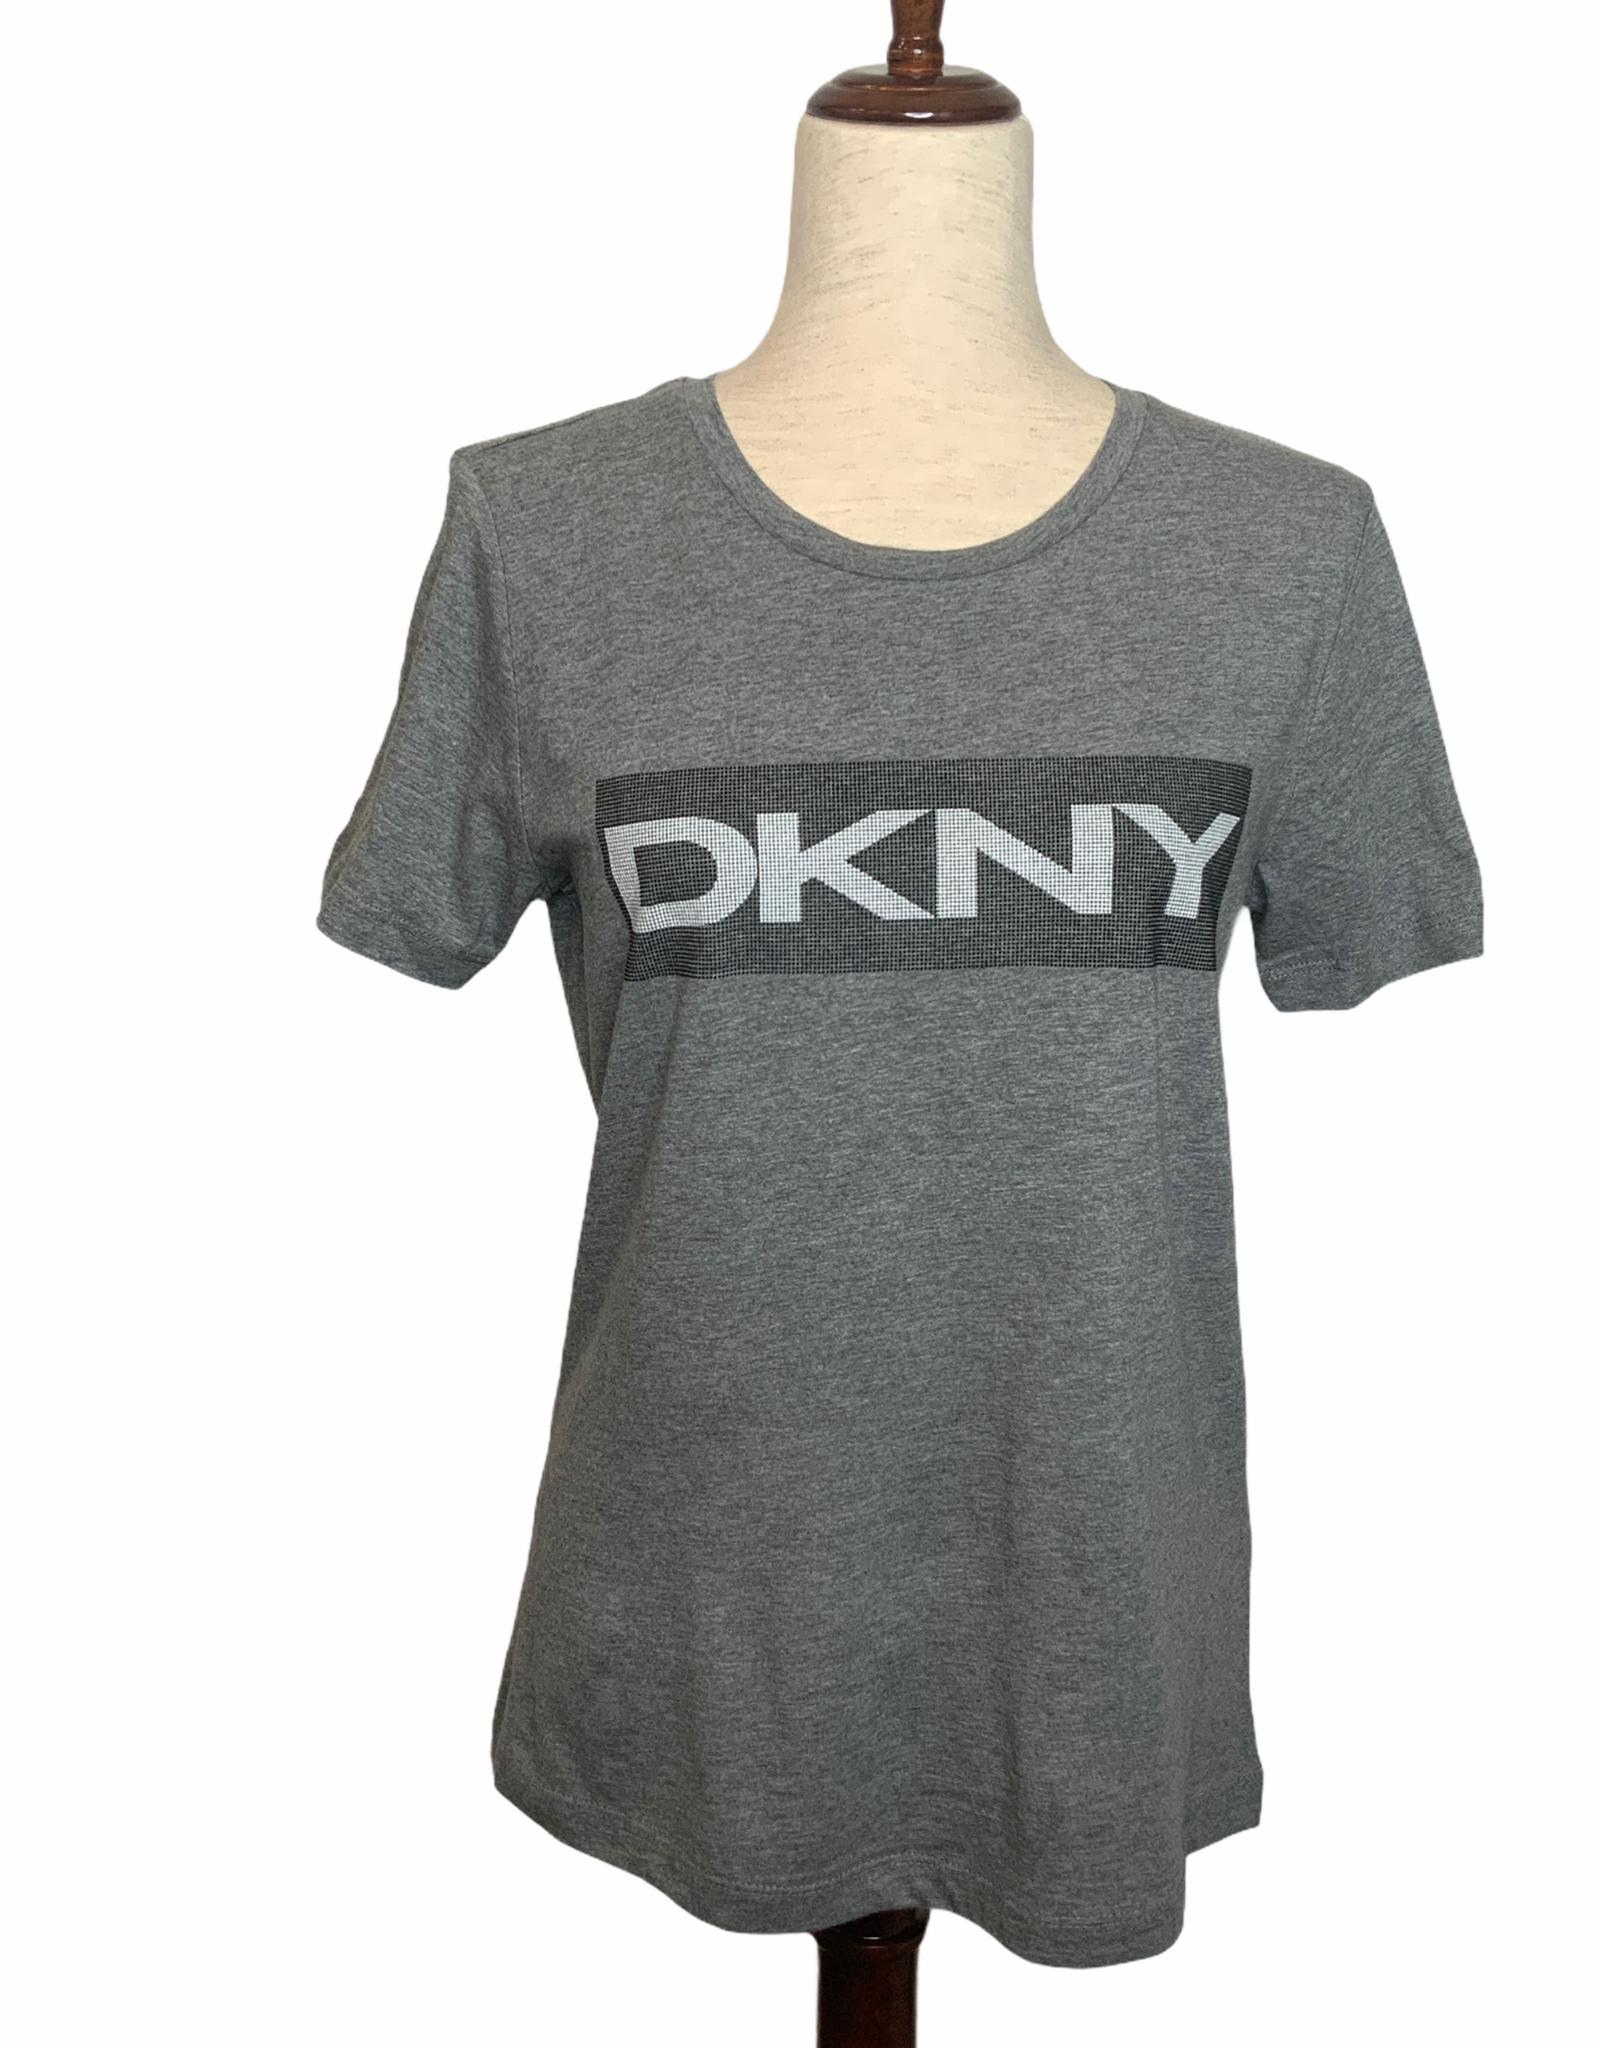 DKNY DKNY Tee Logo Caviar Beaded